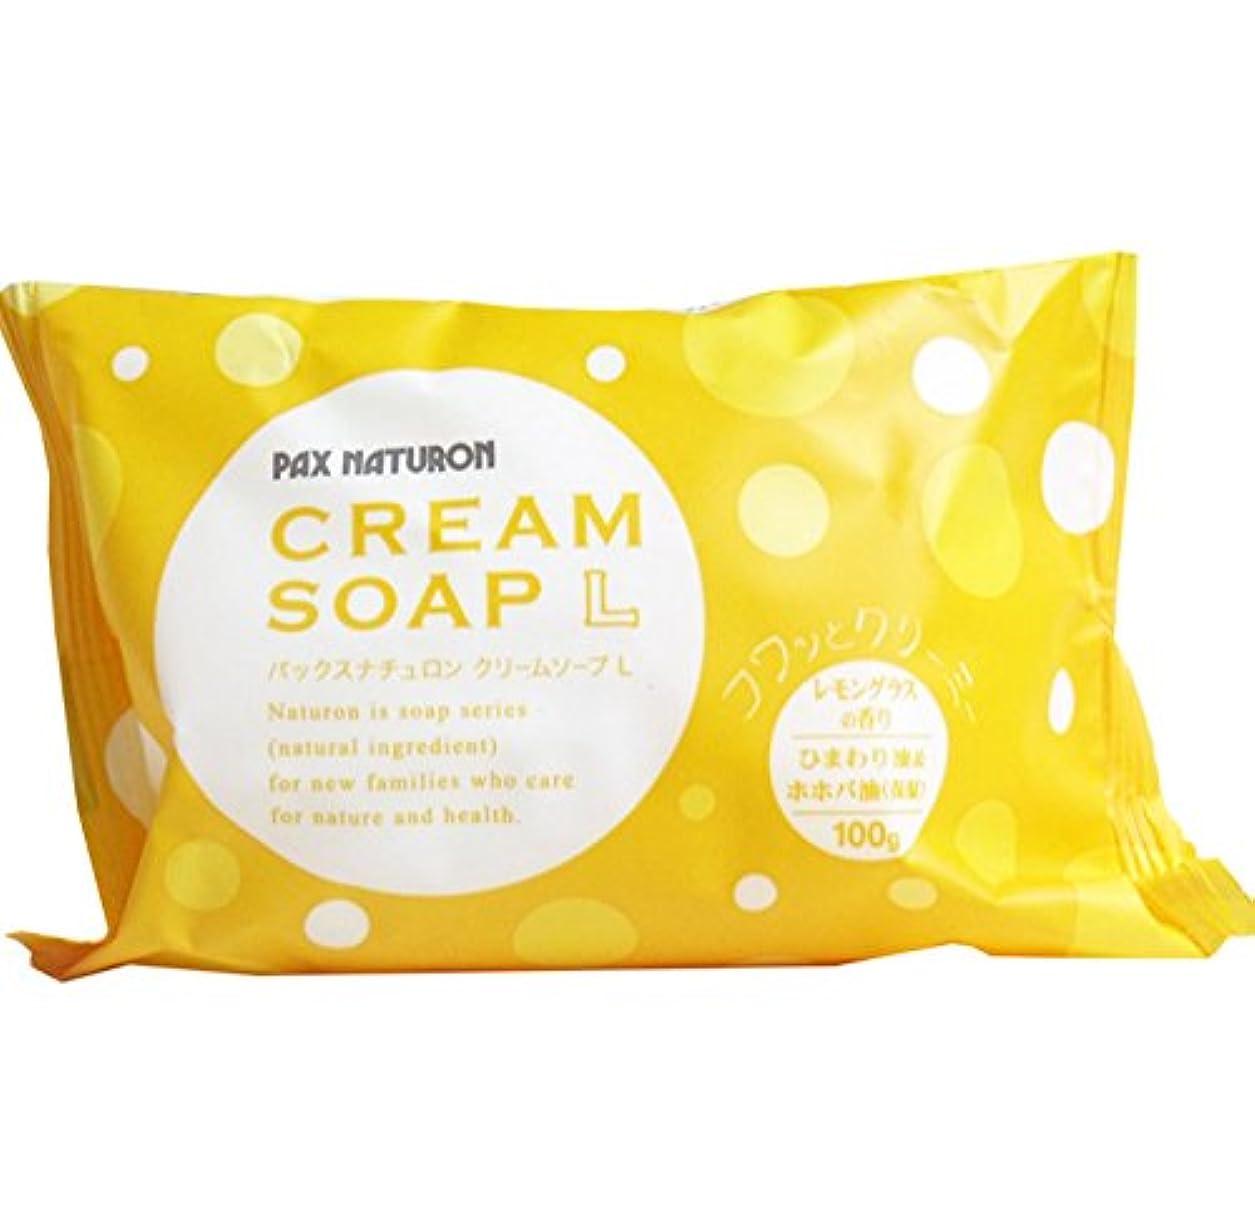 スペードモニカ私達パックスナチュロン クリームソープL レモングラスの香り 100g ×2セット